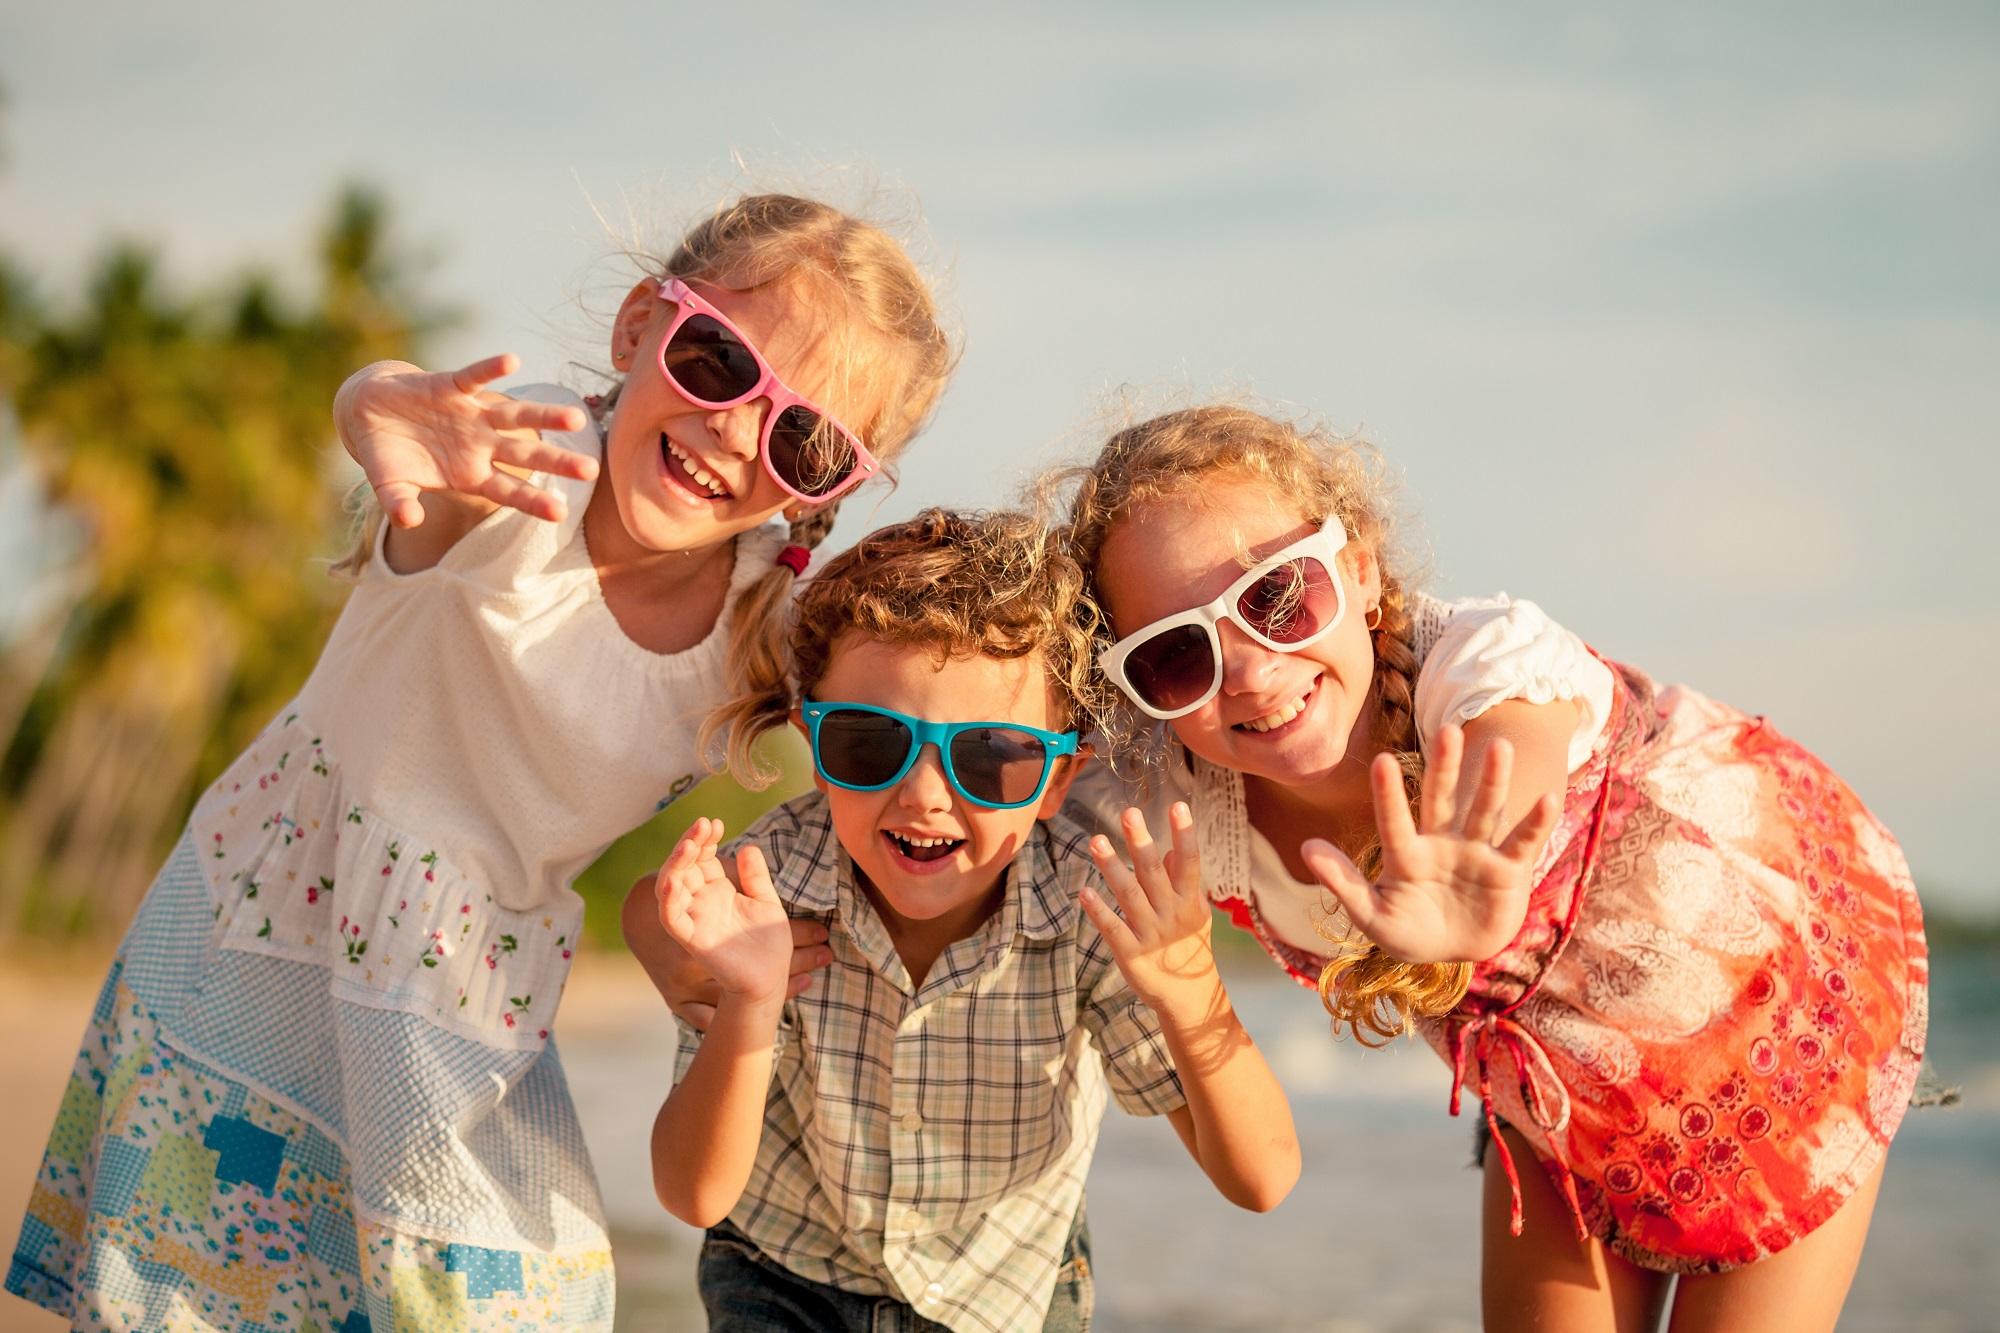 Летние праздники в календаре 2018 года. Источник фото: Shutterstock